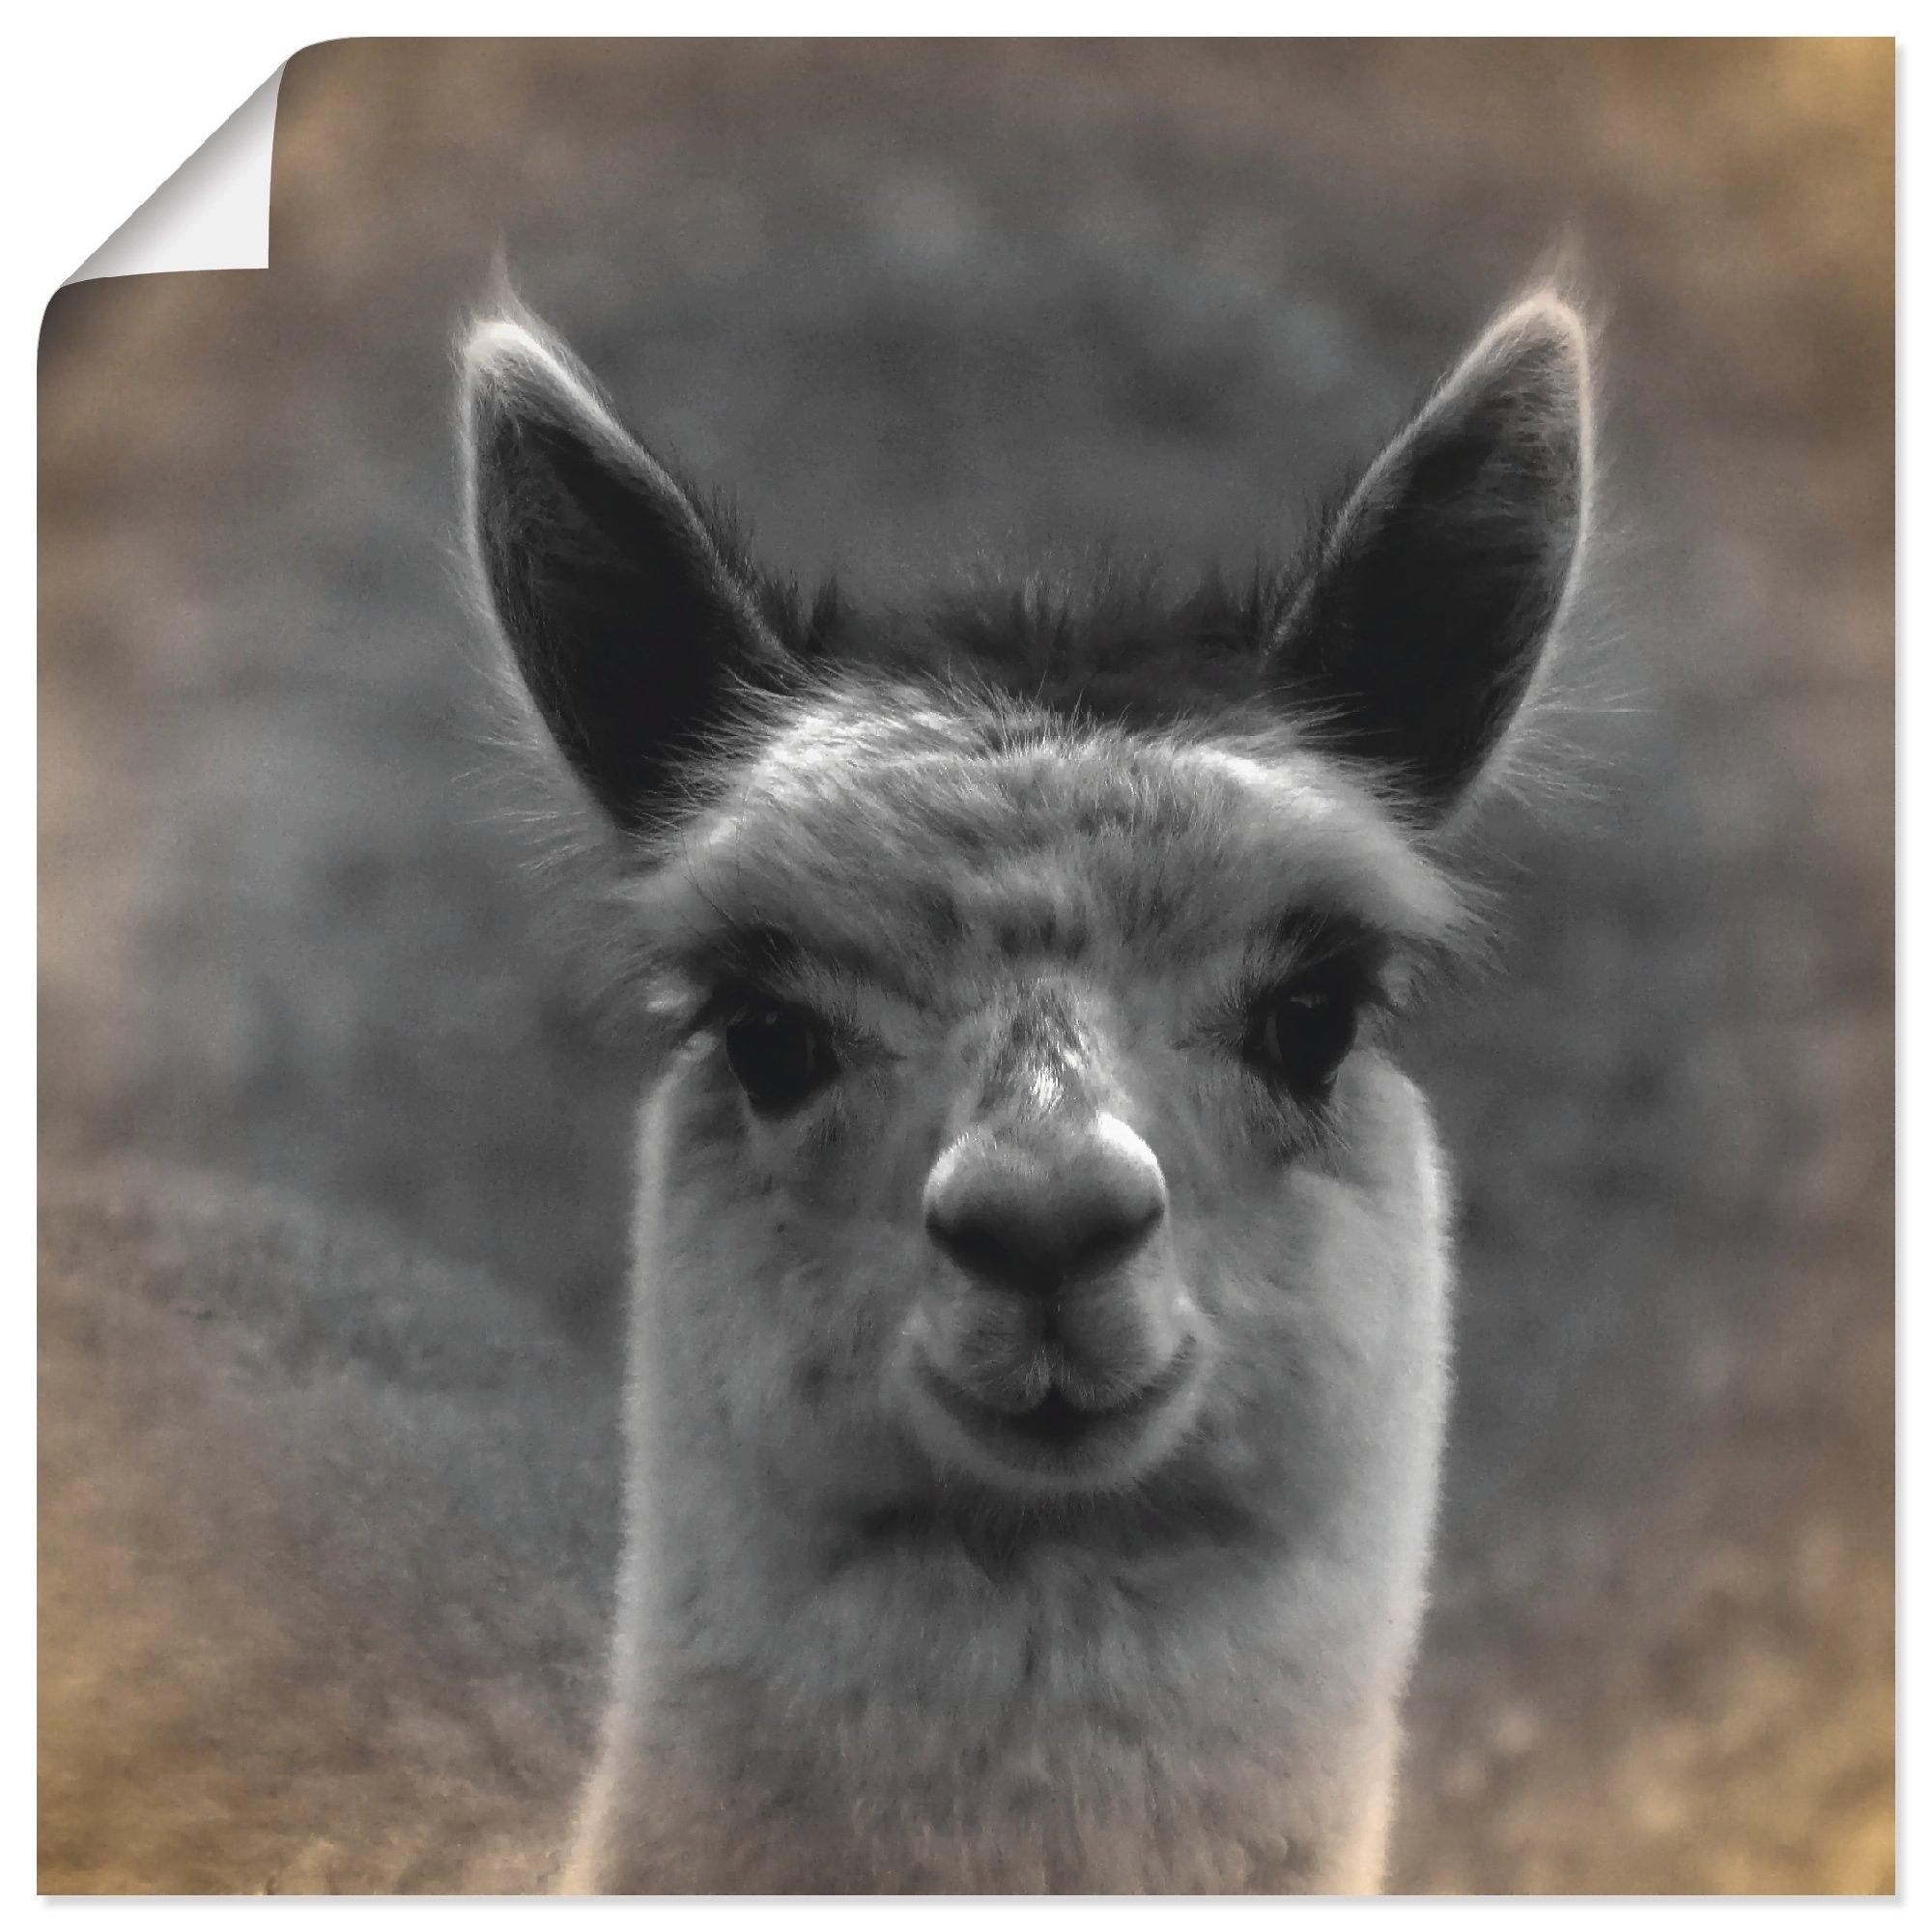 Artland artprint Alpaca blik in vele afmetingen & productsoorten - artprint van aluminium / artprint voor buiten, artprint op linnen, poster, muursticker / wandfolie ook geschikt voor de badkamer (1 stuk) online kopen op otto.nl